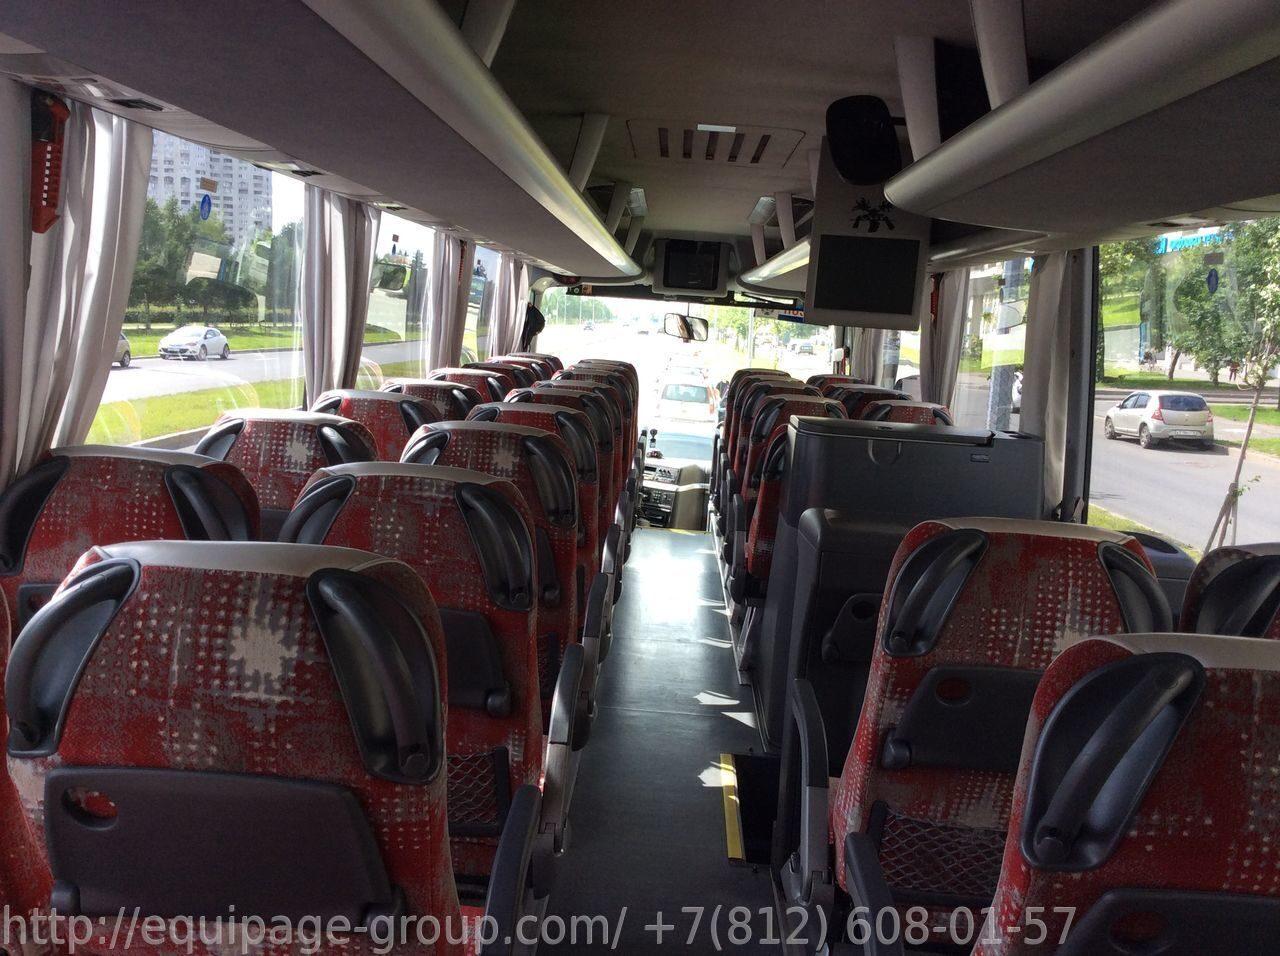 В мире современного бизнеса и корпоративной жизни такая услуга как заказ автобуса с водителем является очень